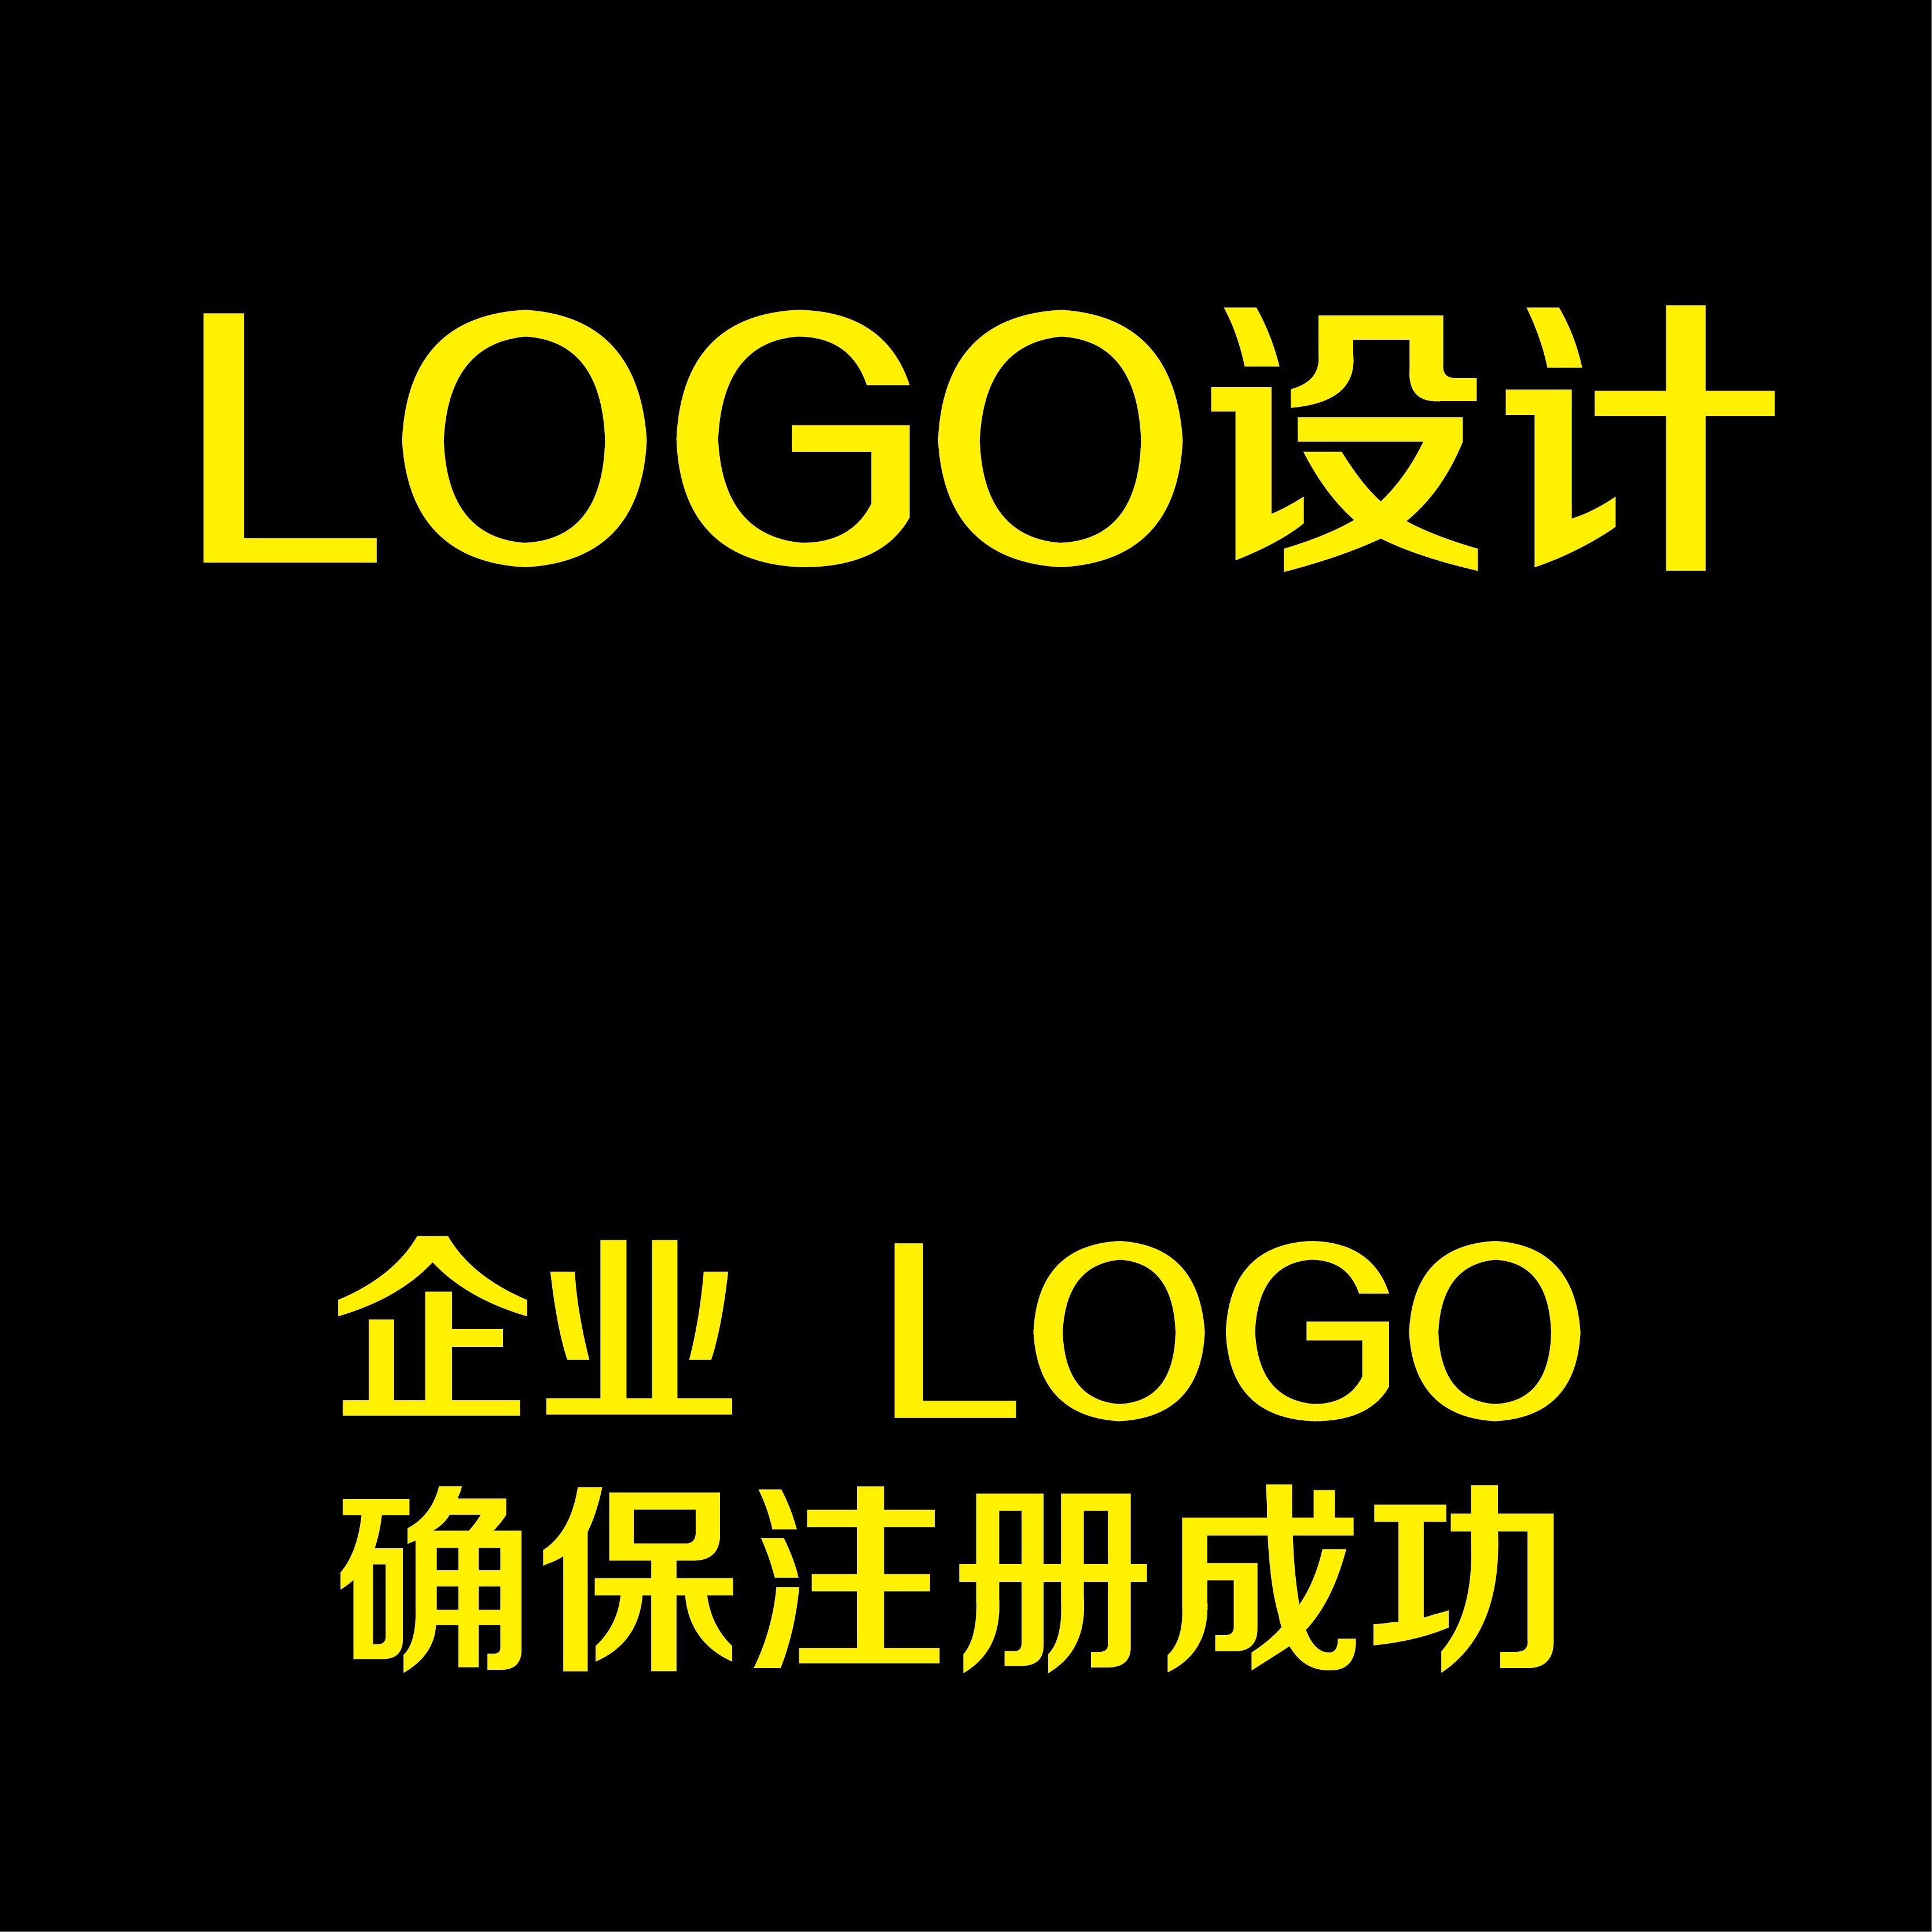 文化教育餐饮行业政府公共服务咨询中介金融保险品牌logo设计